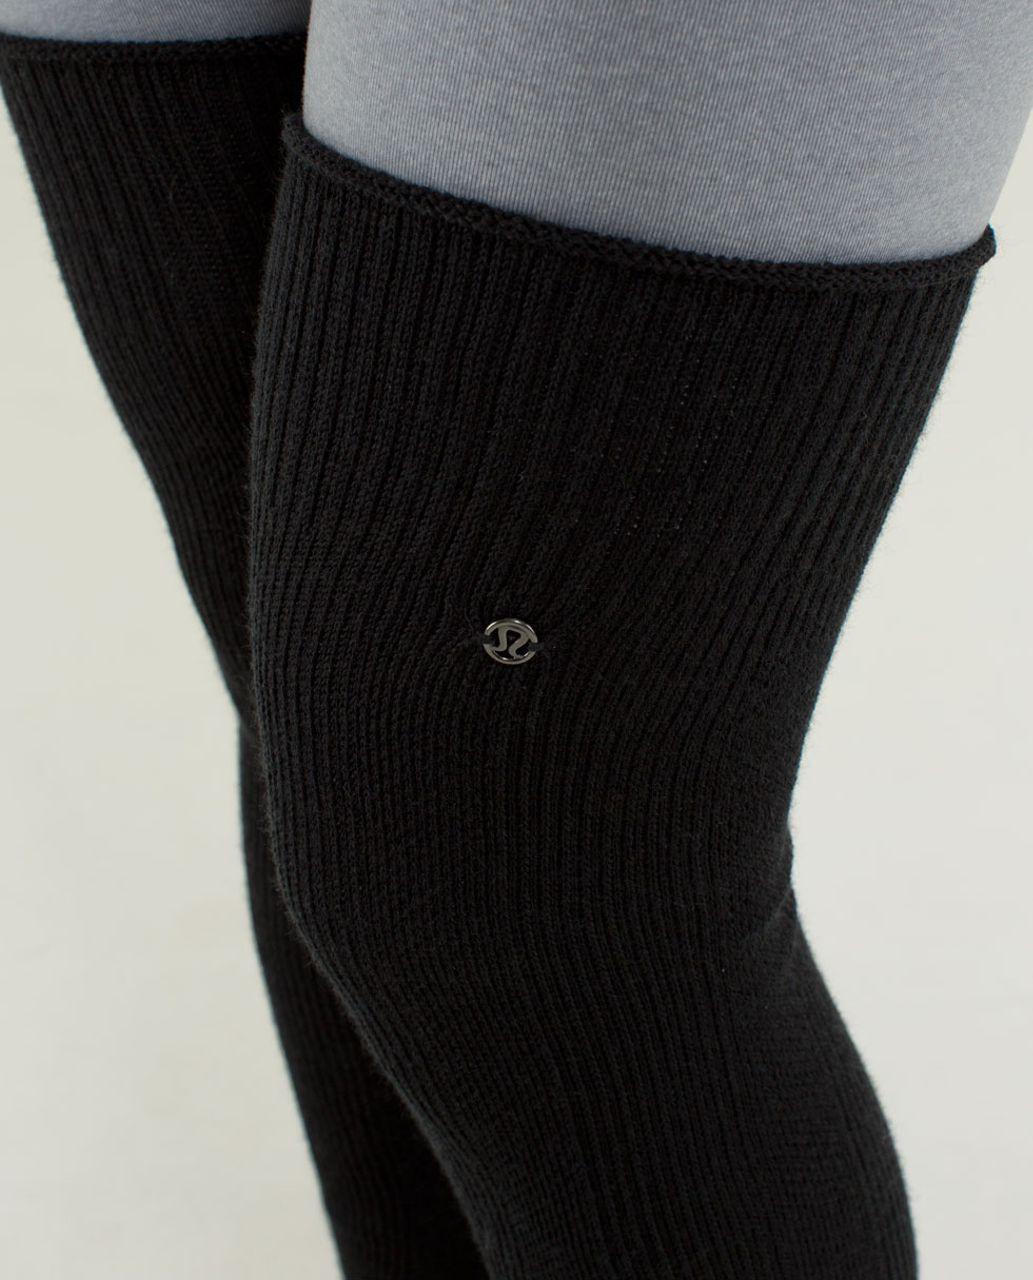 Lululemon Savasana Sock - Black (Second Release)